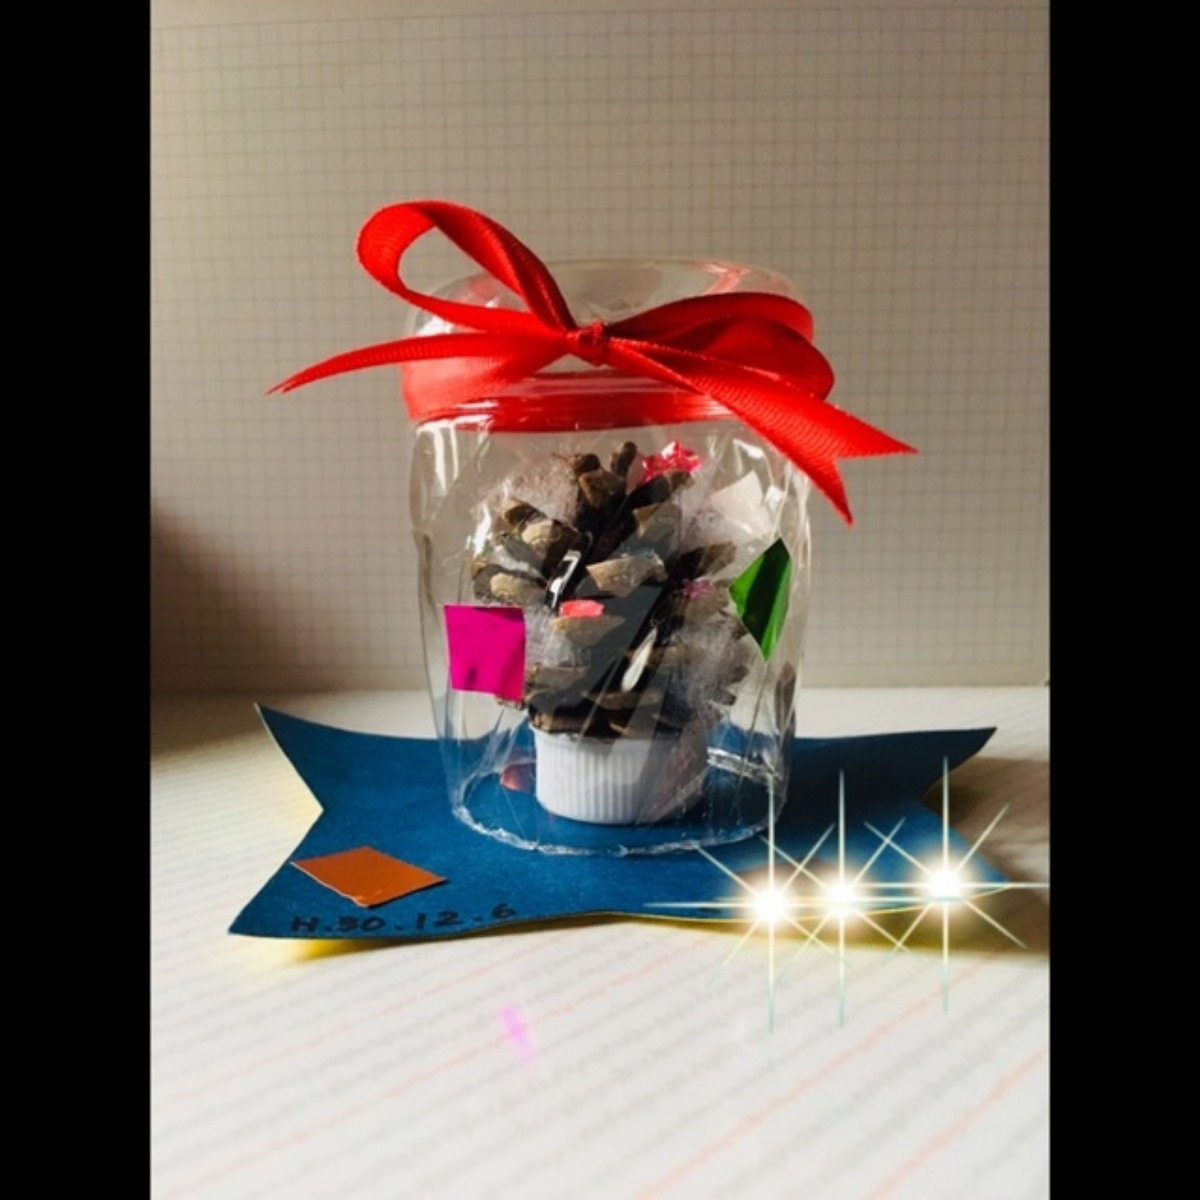 【アプリ投稿】クリスマス飾り スノードーム